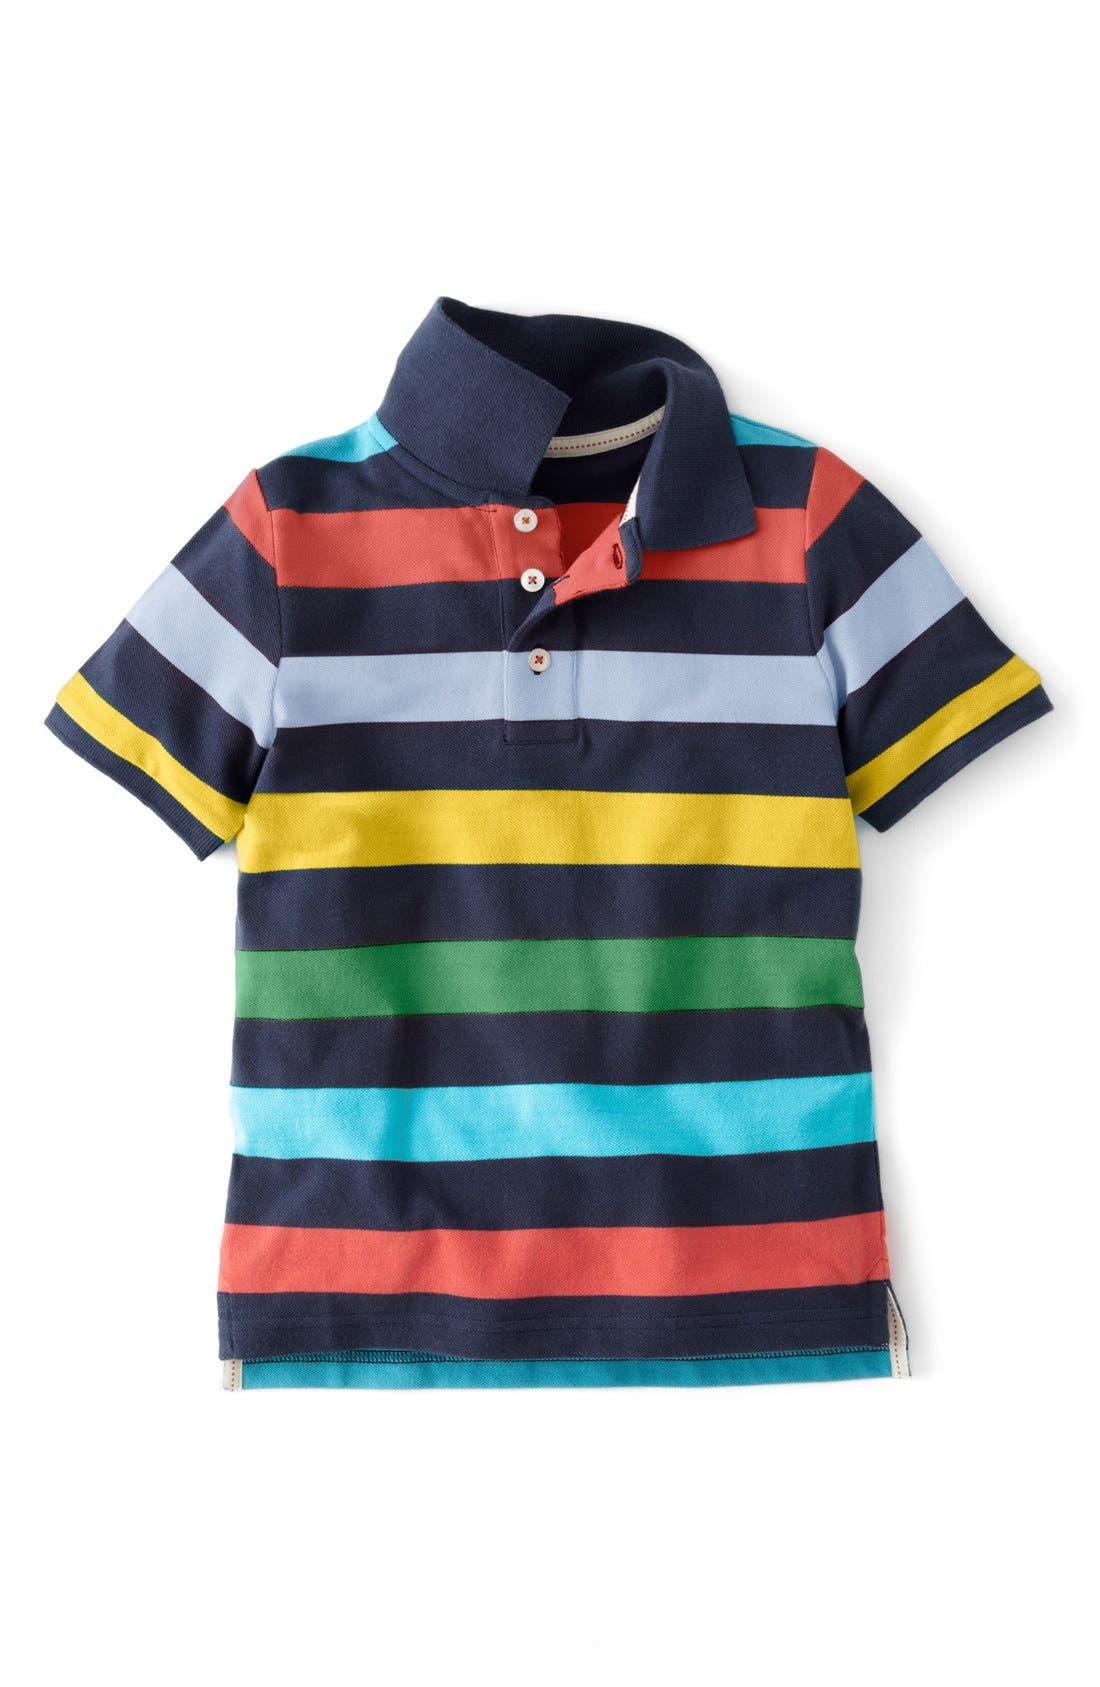 Alternate Image 1 Selected - Mini Boden Pique Polo (Toddler Boys, Little Boys & Big Boys)